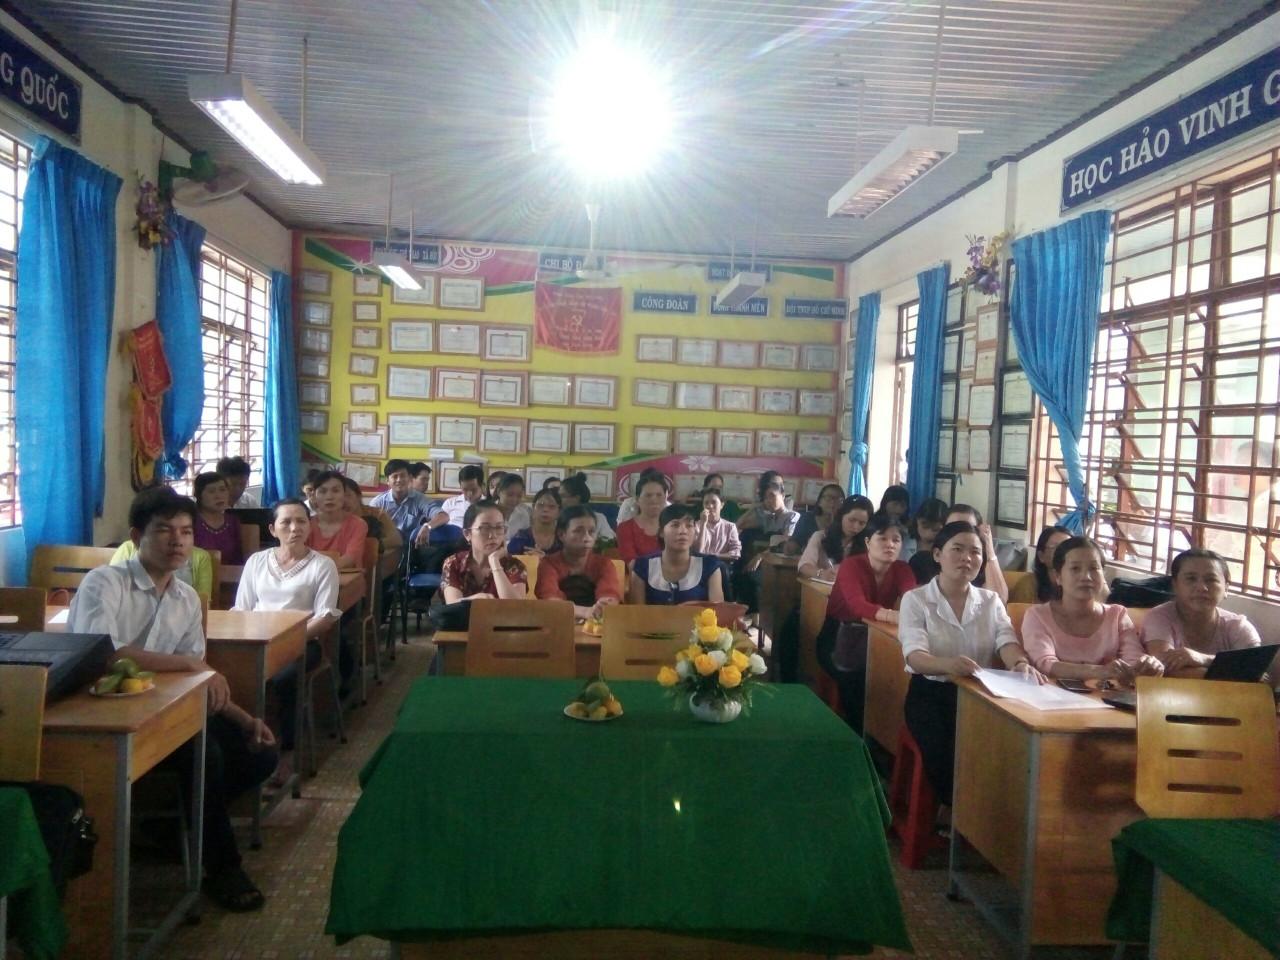 THCS Hòa Phú: Hiệu quả công tác ứng dụng Sisap trong công tác phối hợp giữa nhà Trường và Phụ Huynh trong thời gian tạm nghỉ của học sinh để phòng, chống Covid – 19